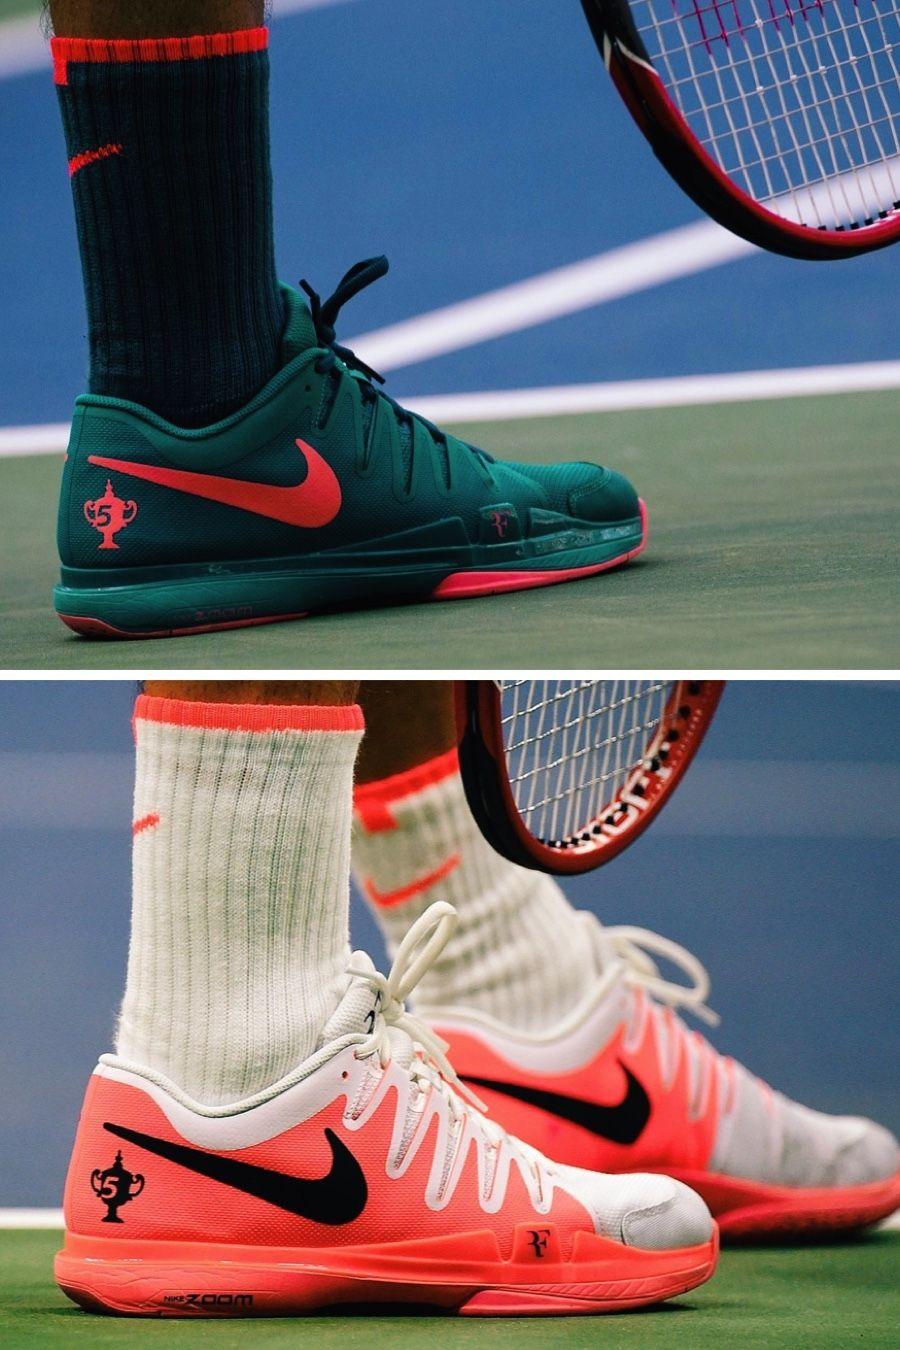 nike tennis shoes roger federer 2015